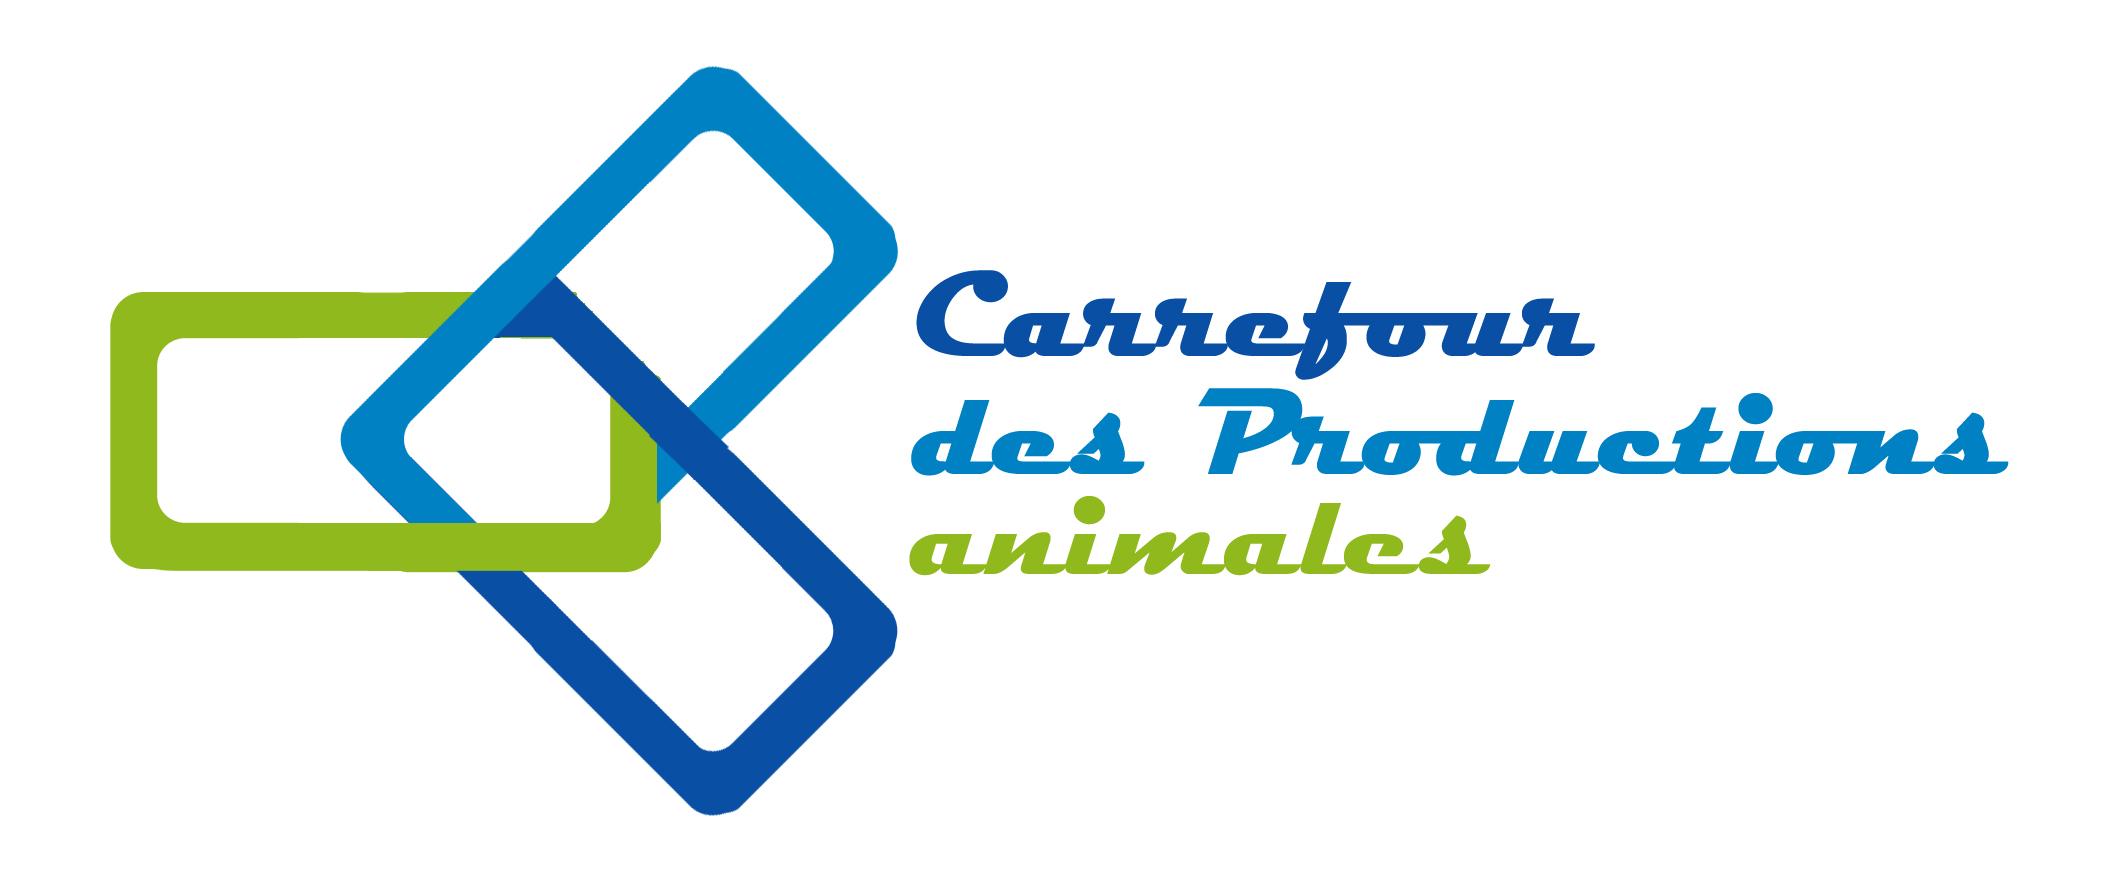 La viande bovine remise en question : de sa production à sa consommation